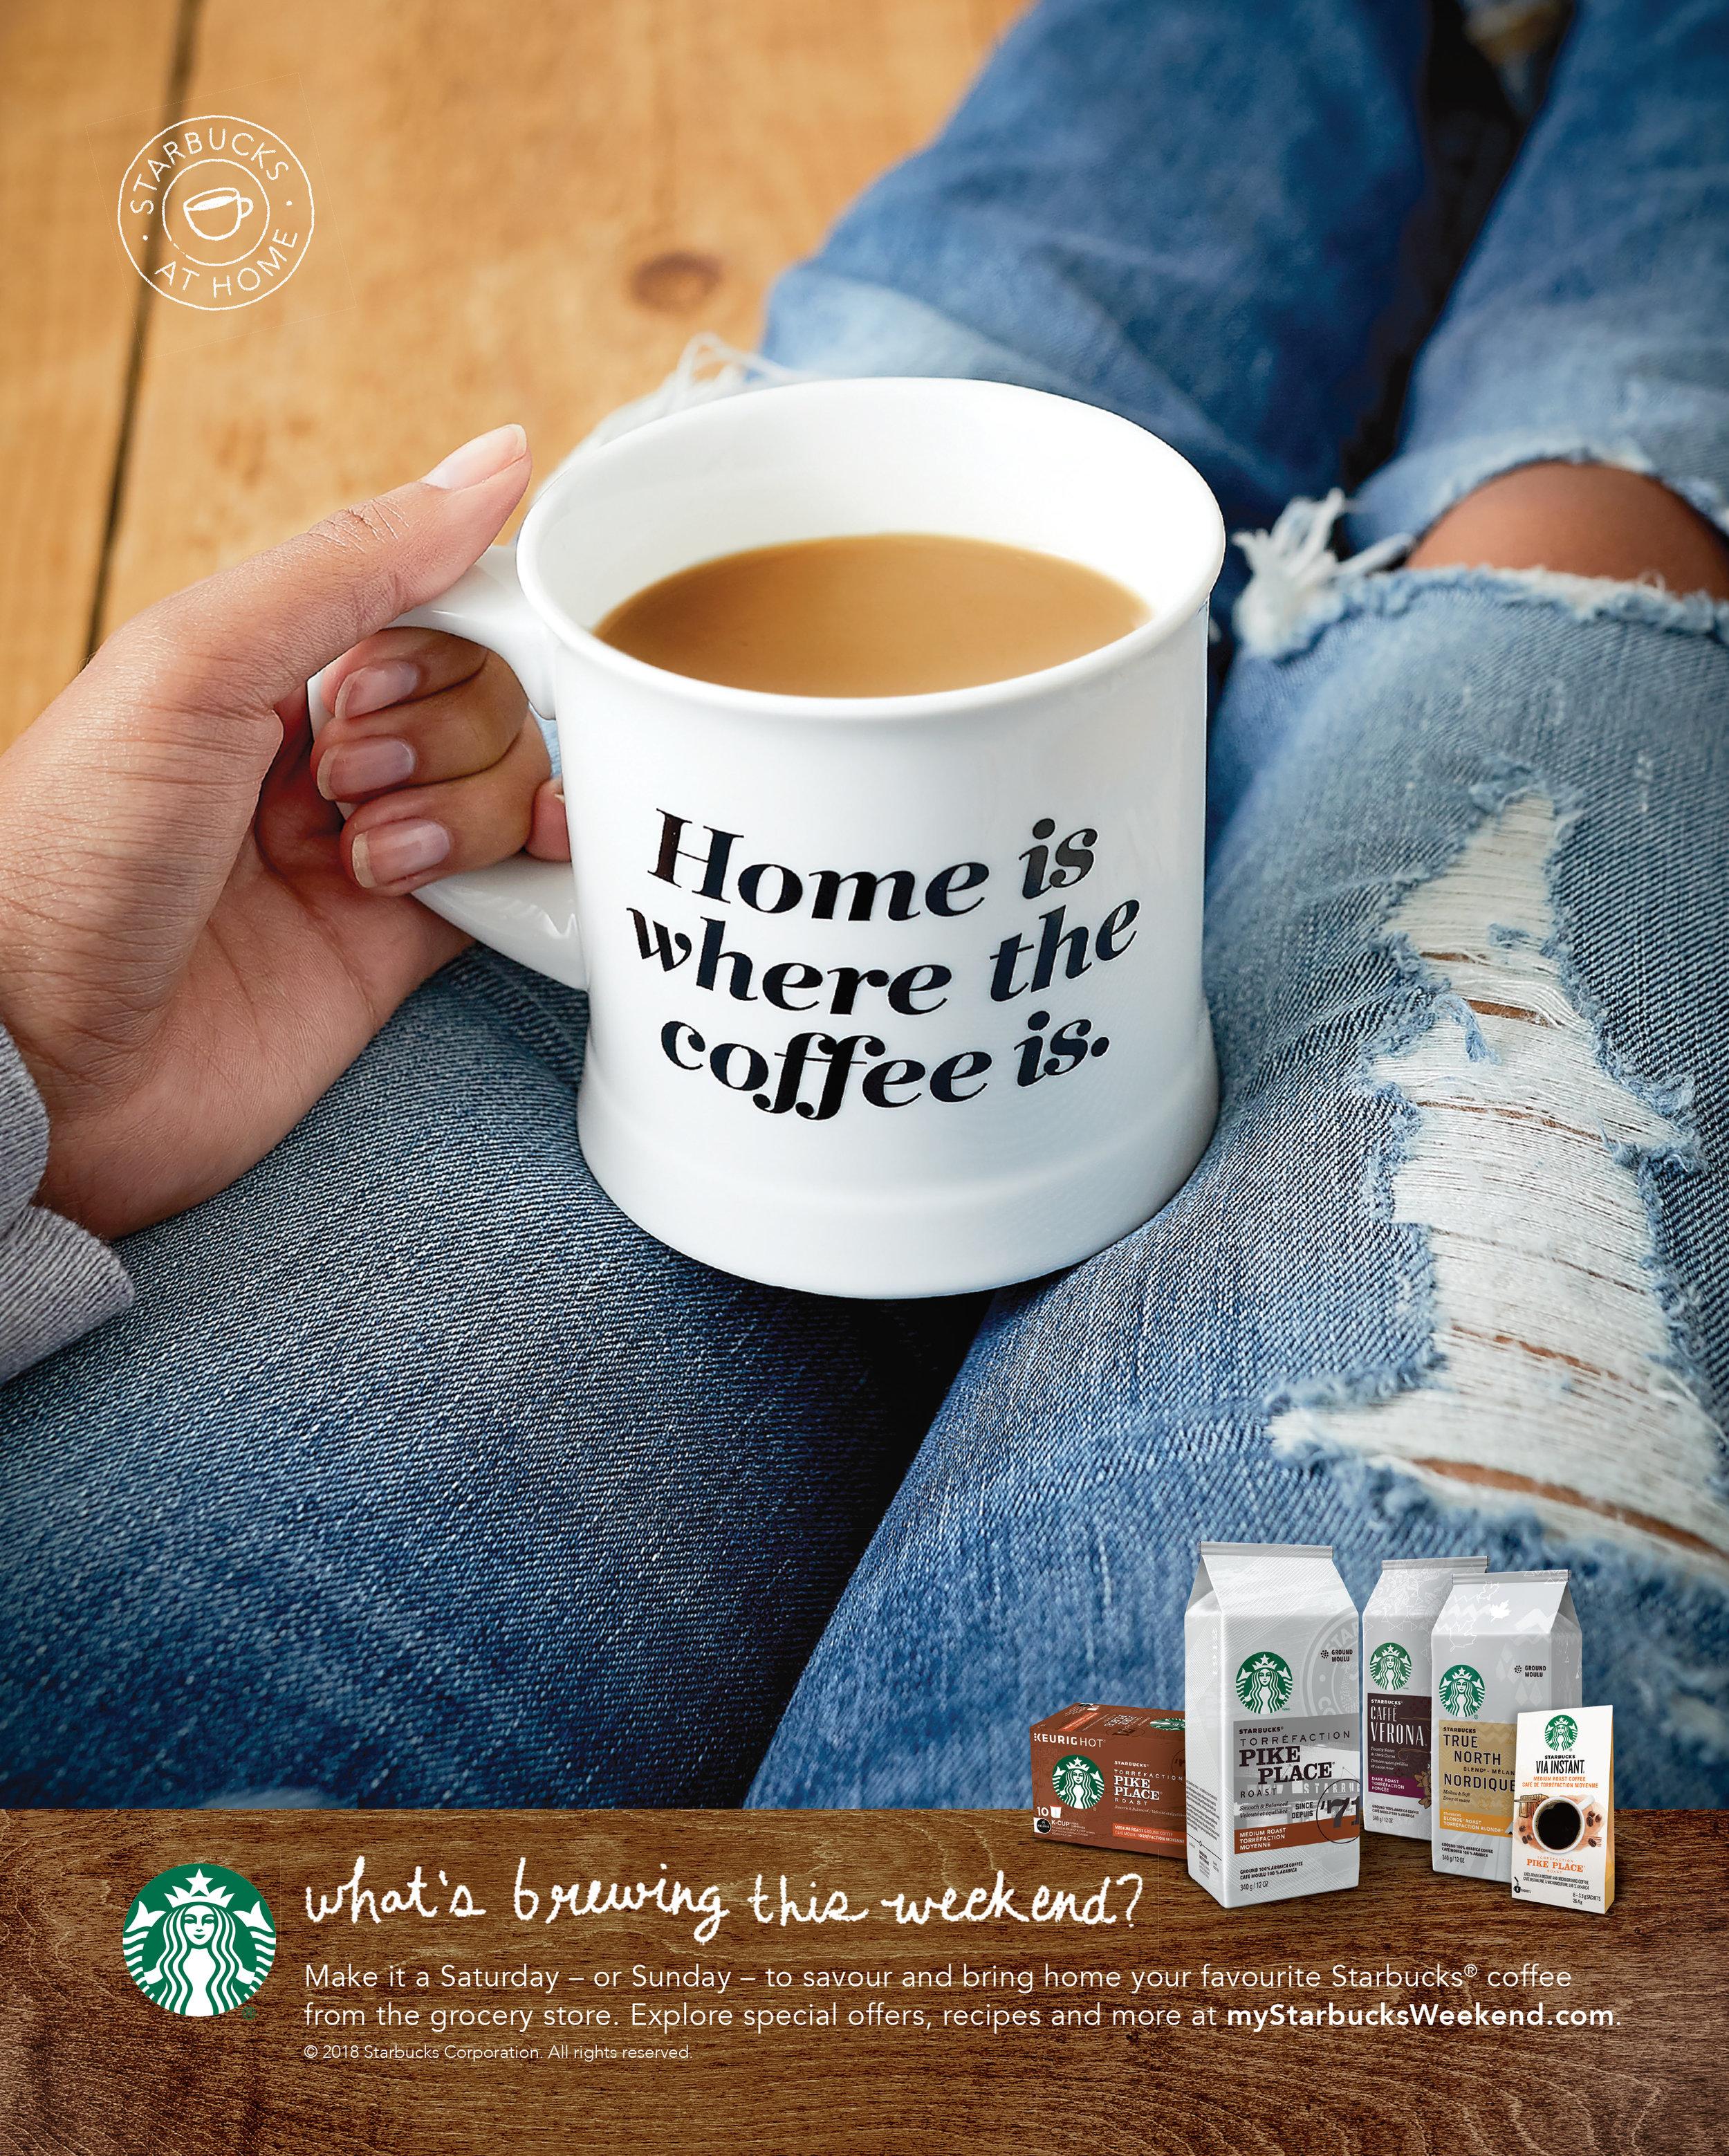 SST00023-01_Starbucks_H&H_8.625X10.875-EN_REV2.jpg